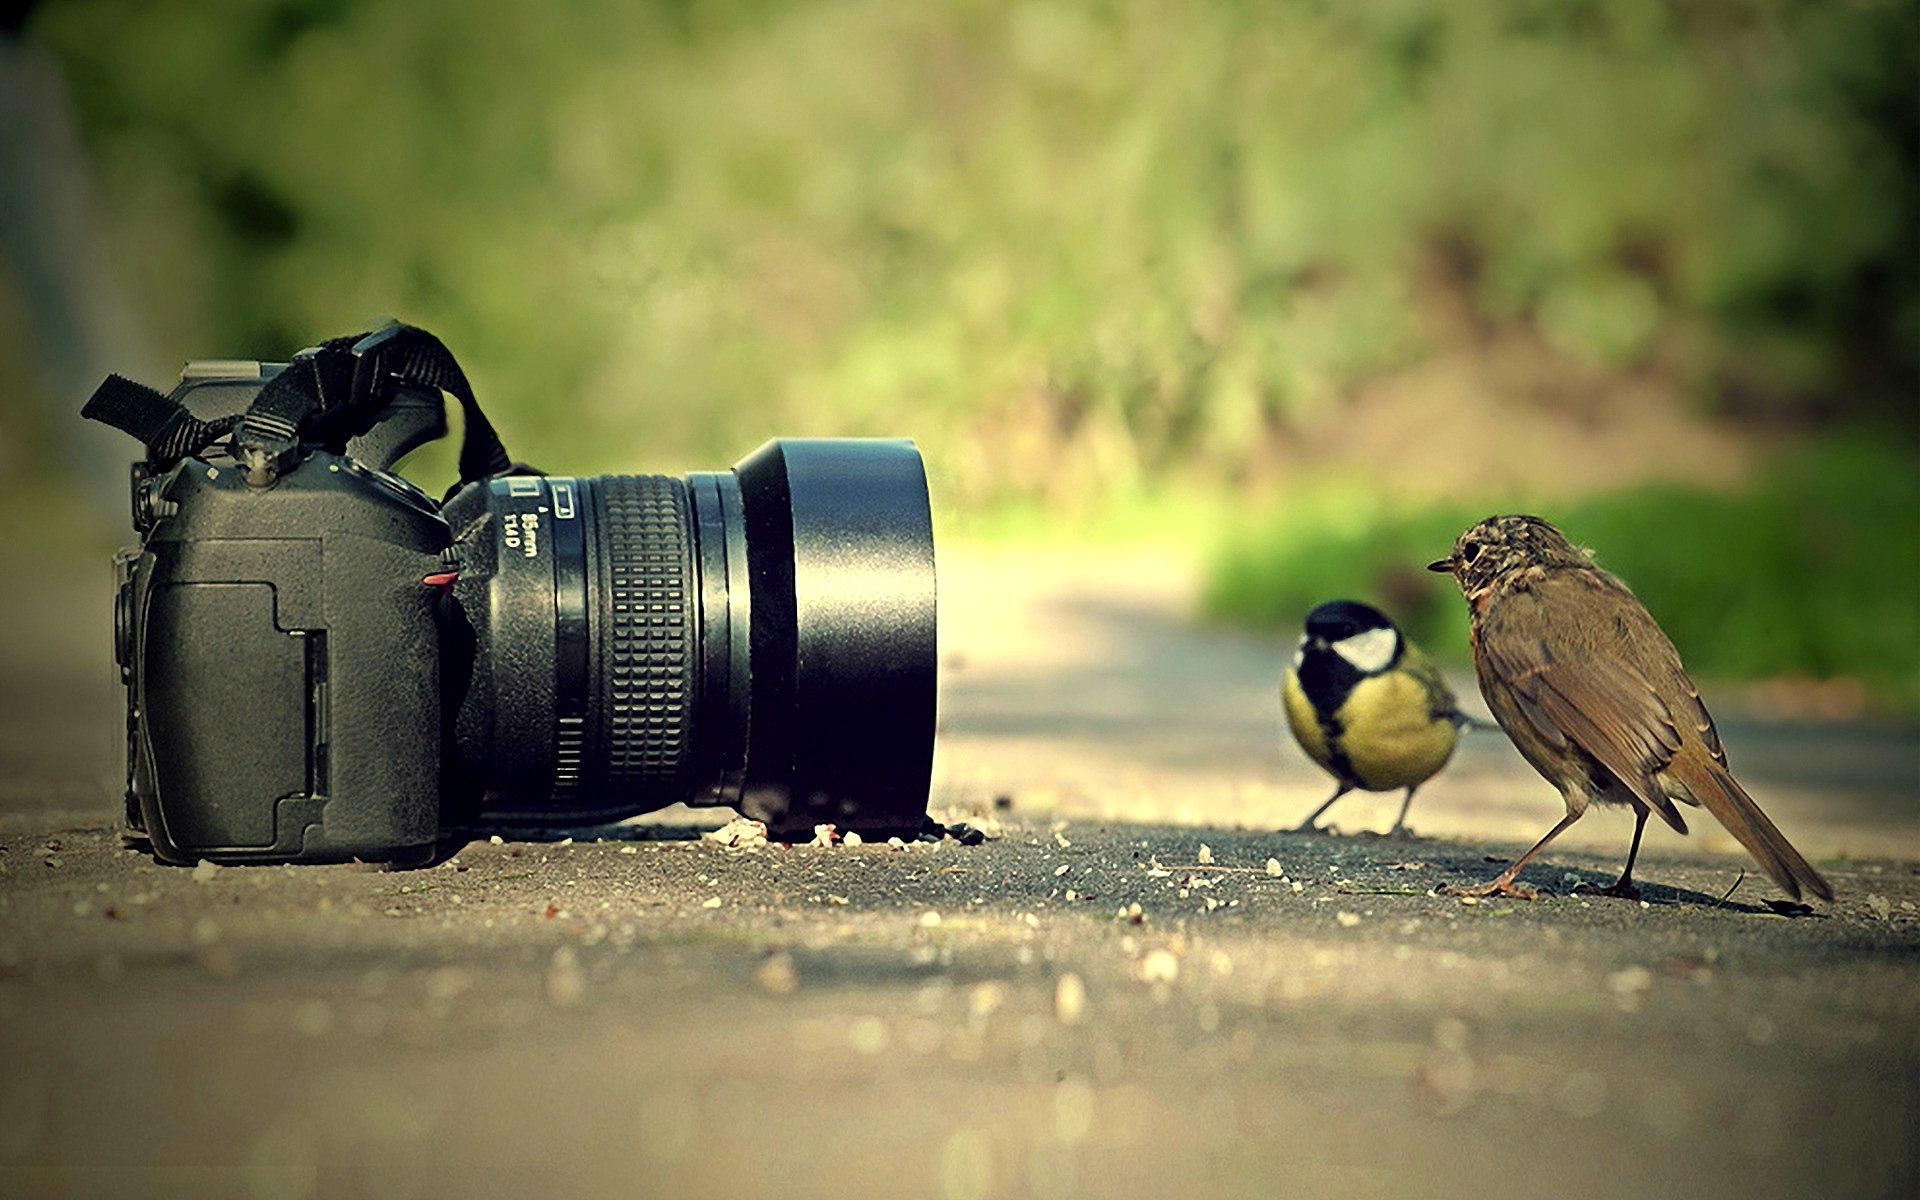 از مناظر عکس بگیرید